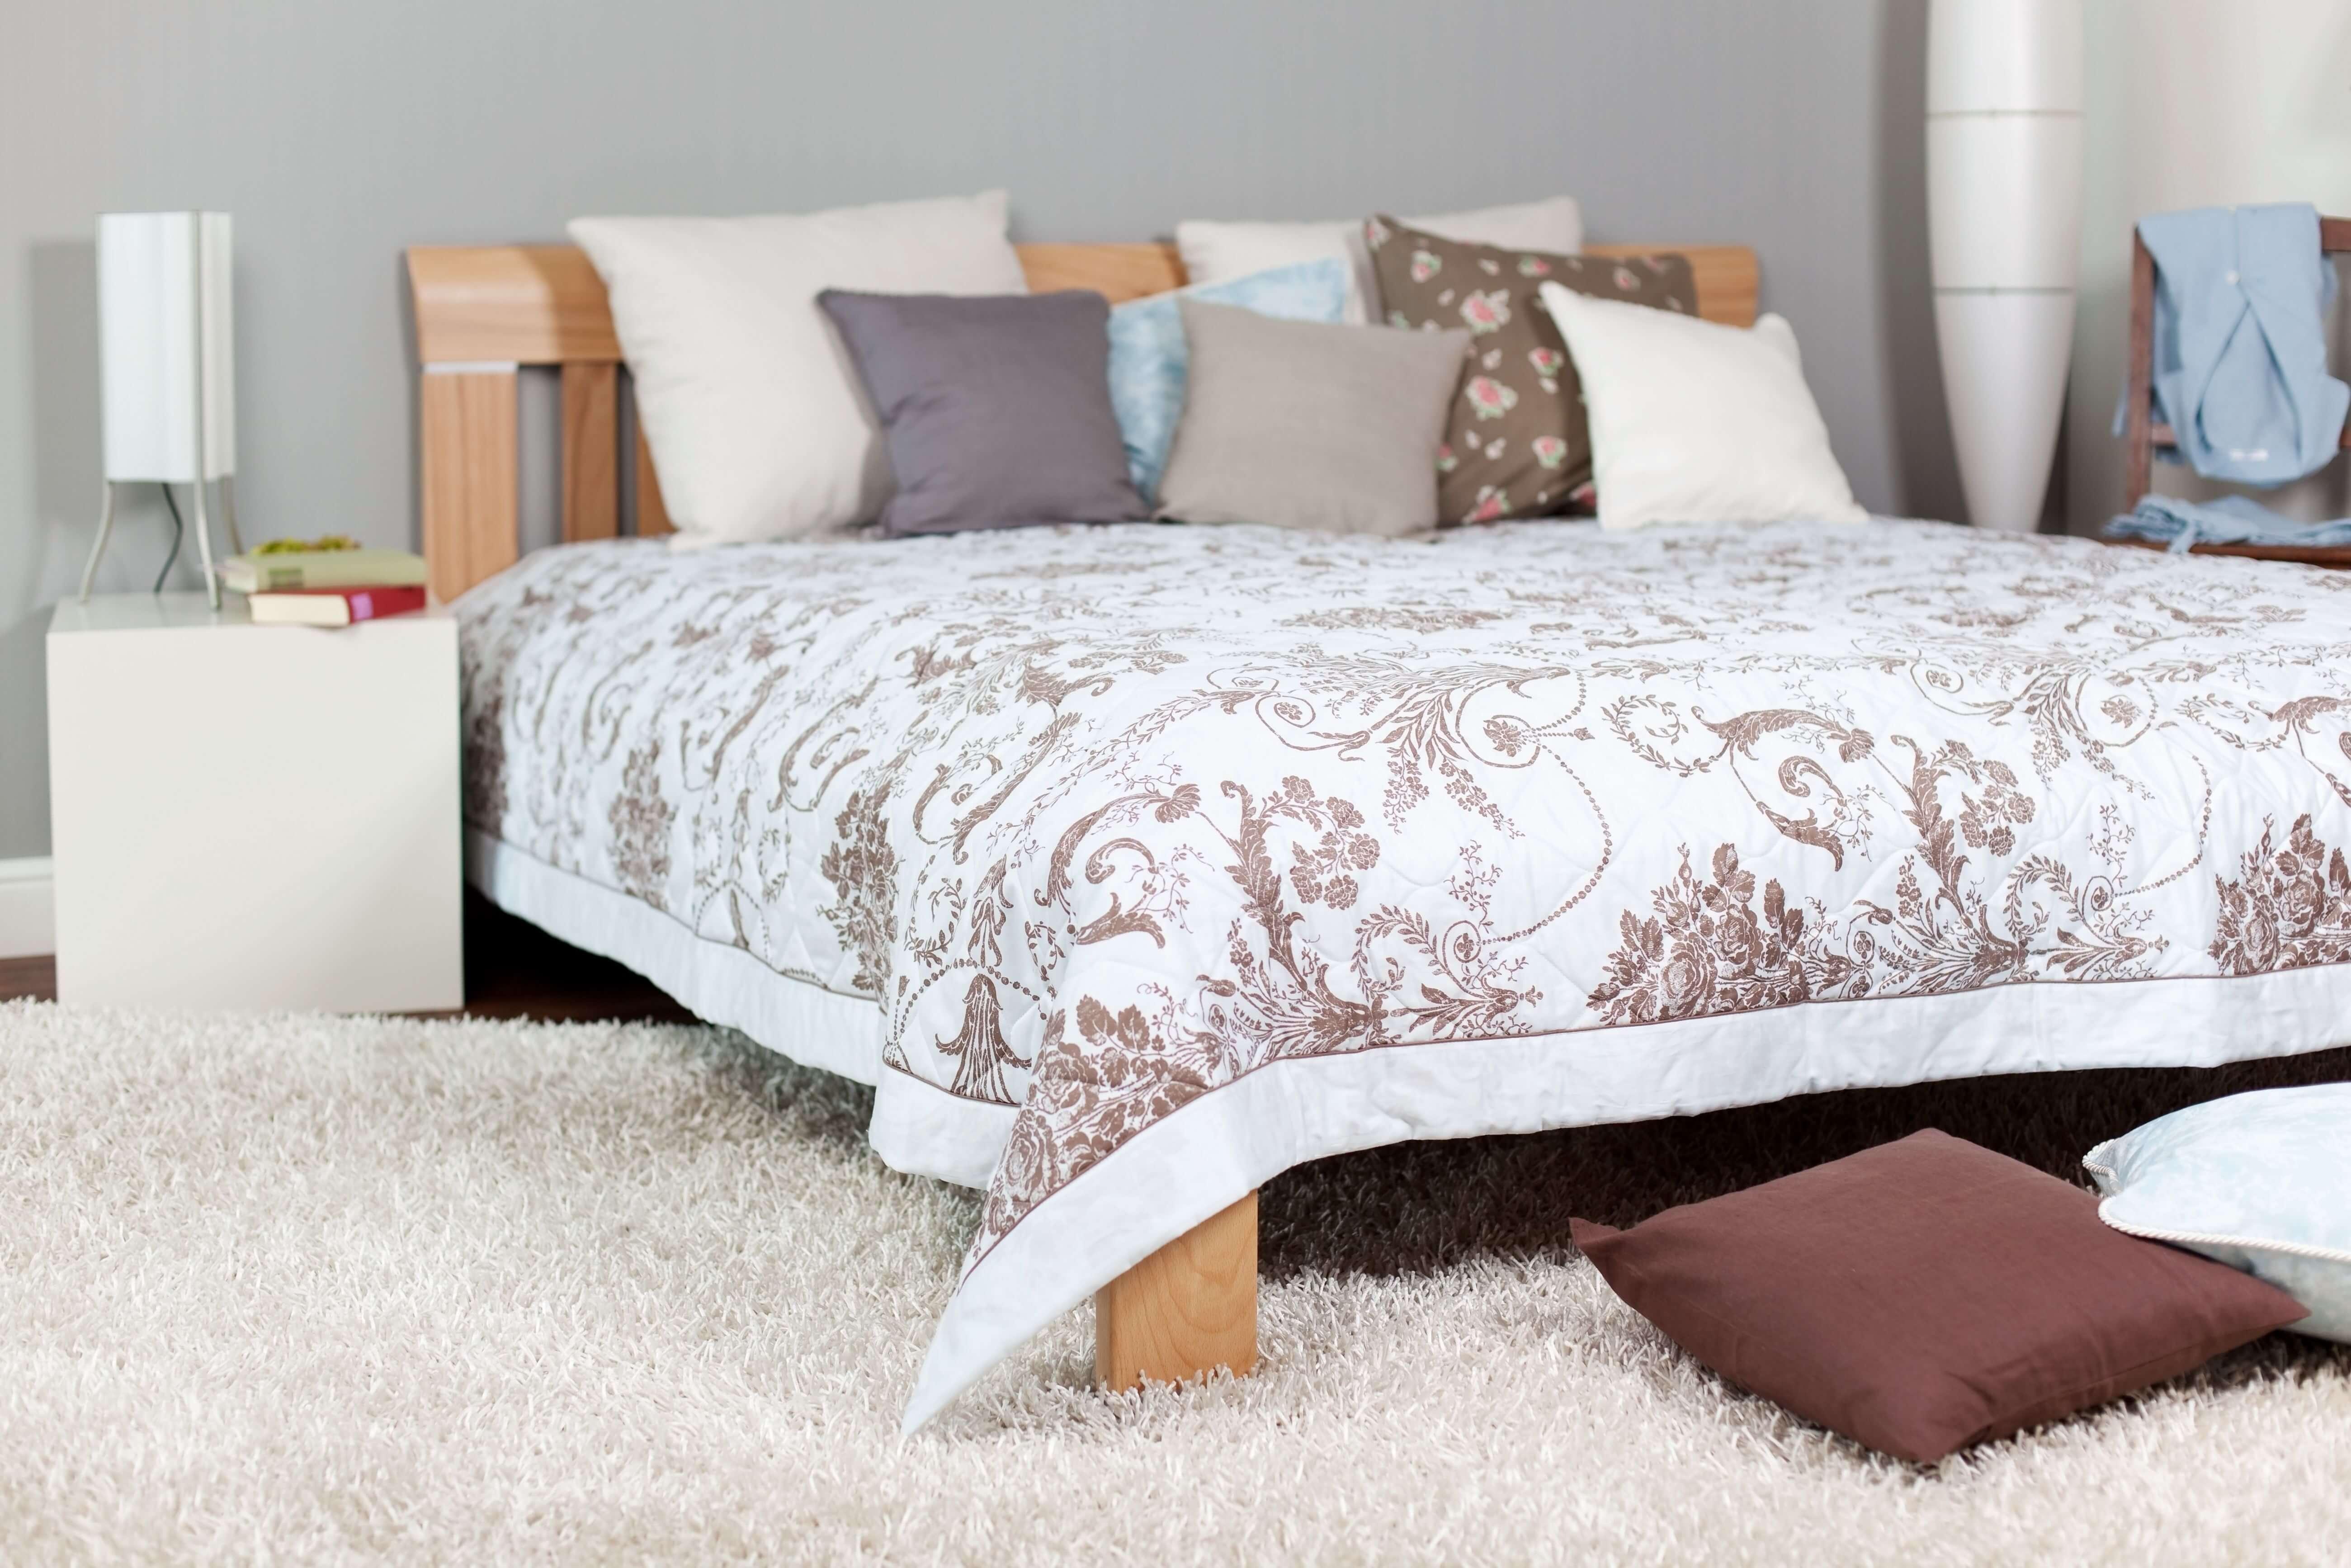 Cama, almohadas, mantas